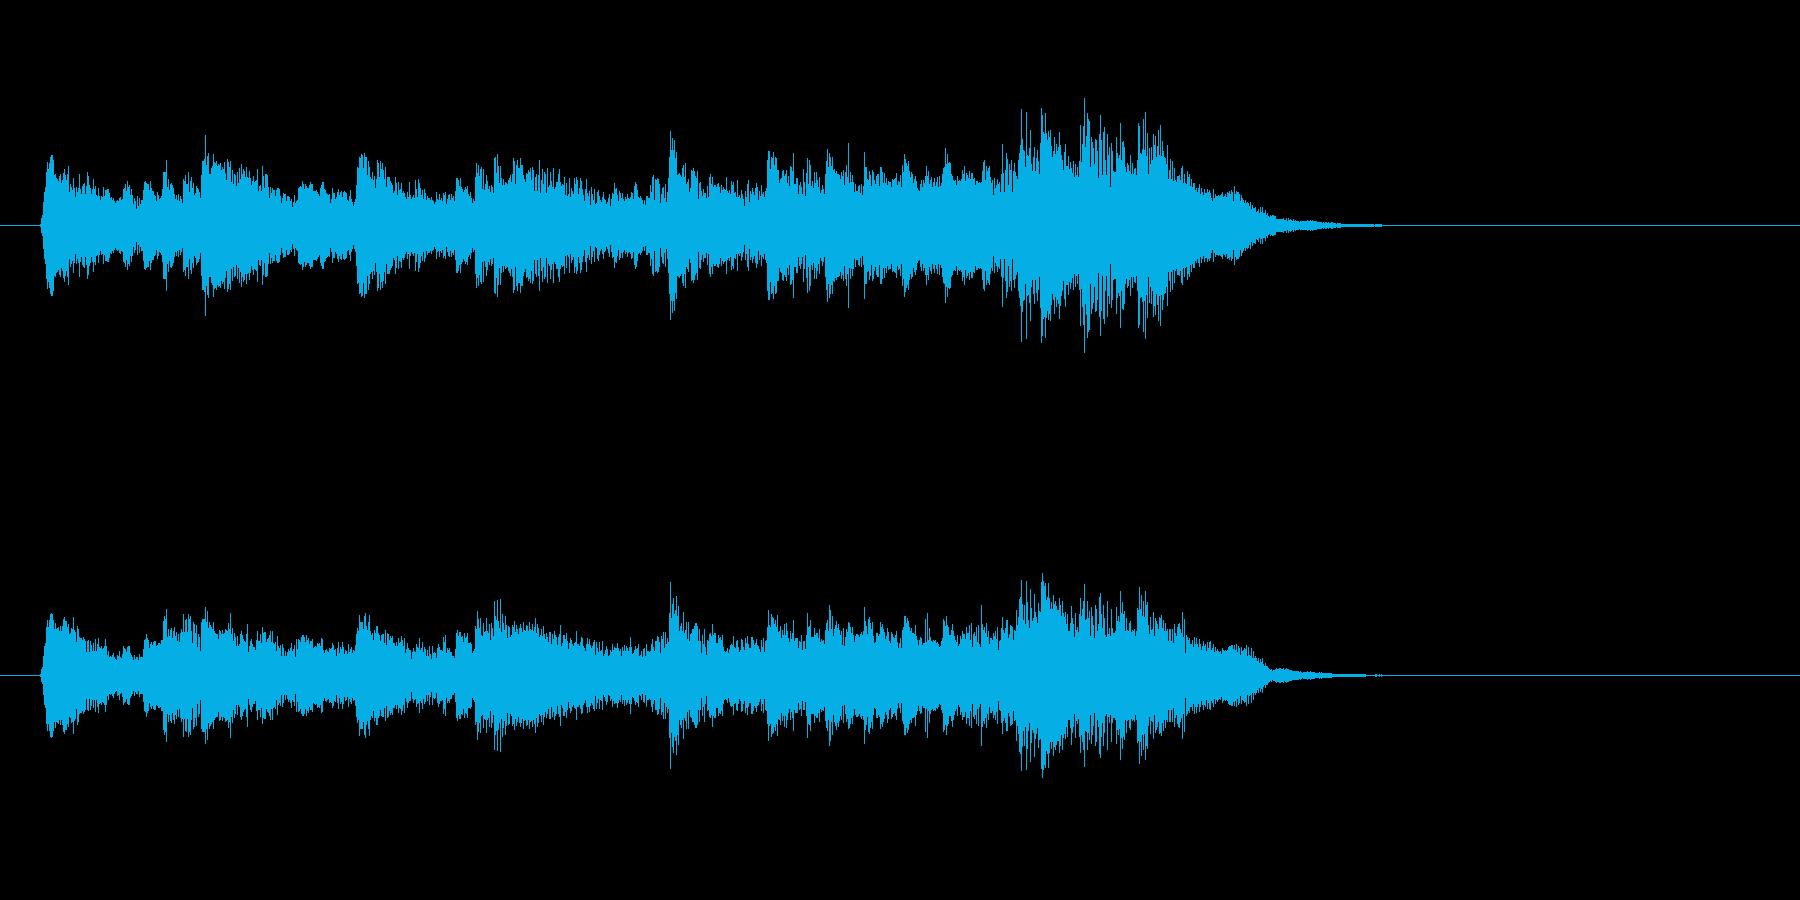 感傷的なピアノバラード(イントロ)の再生済みの波形